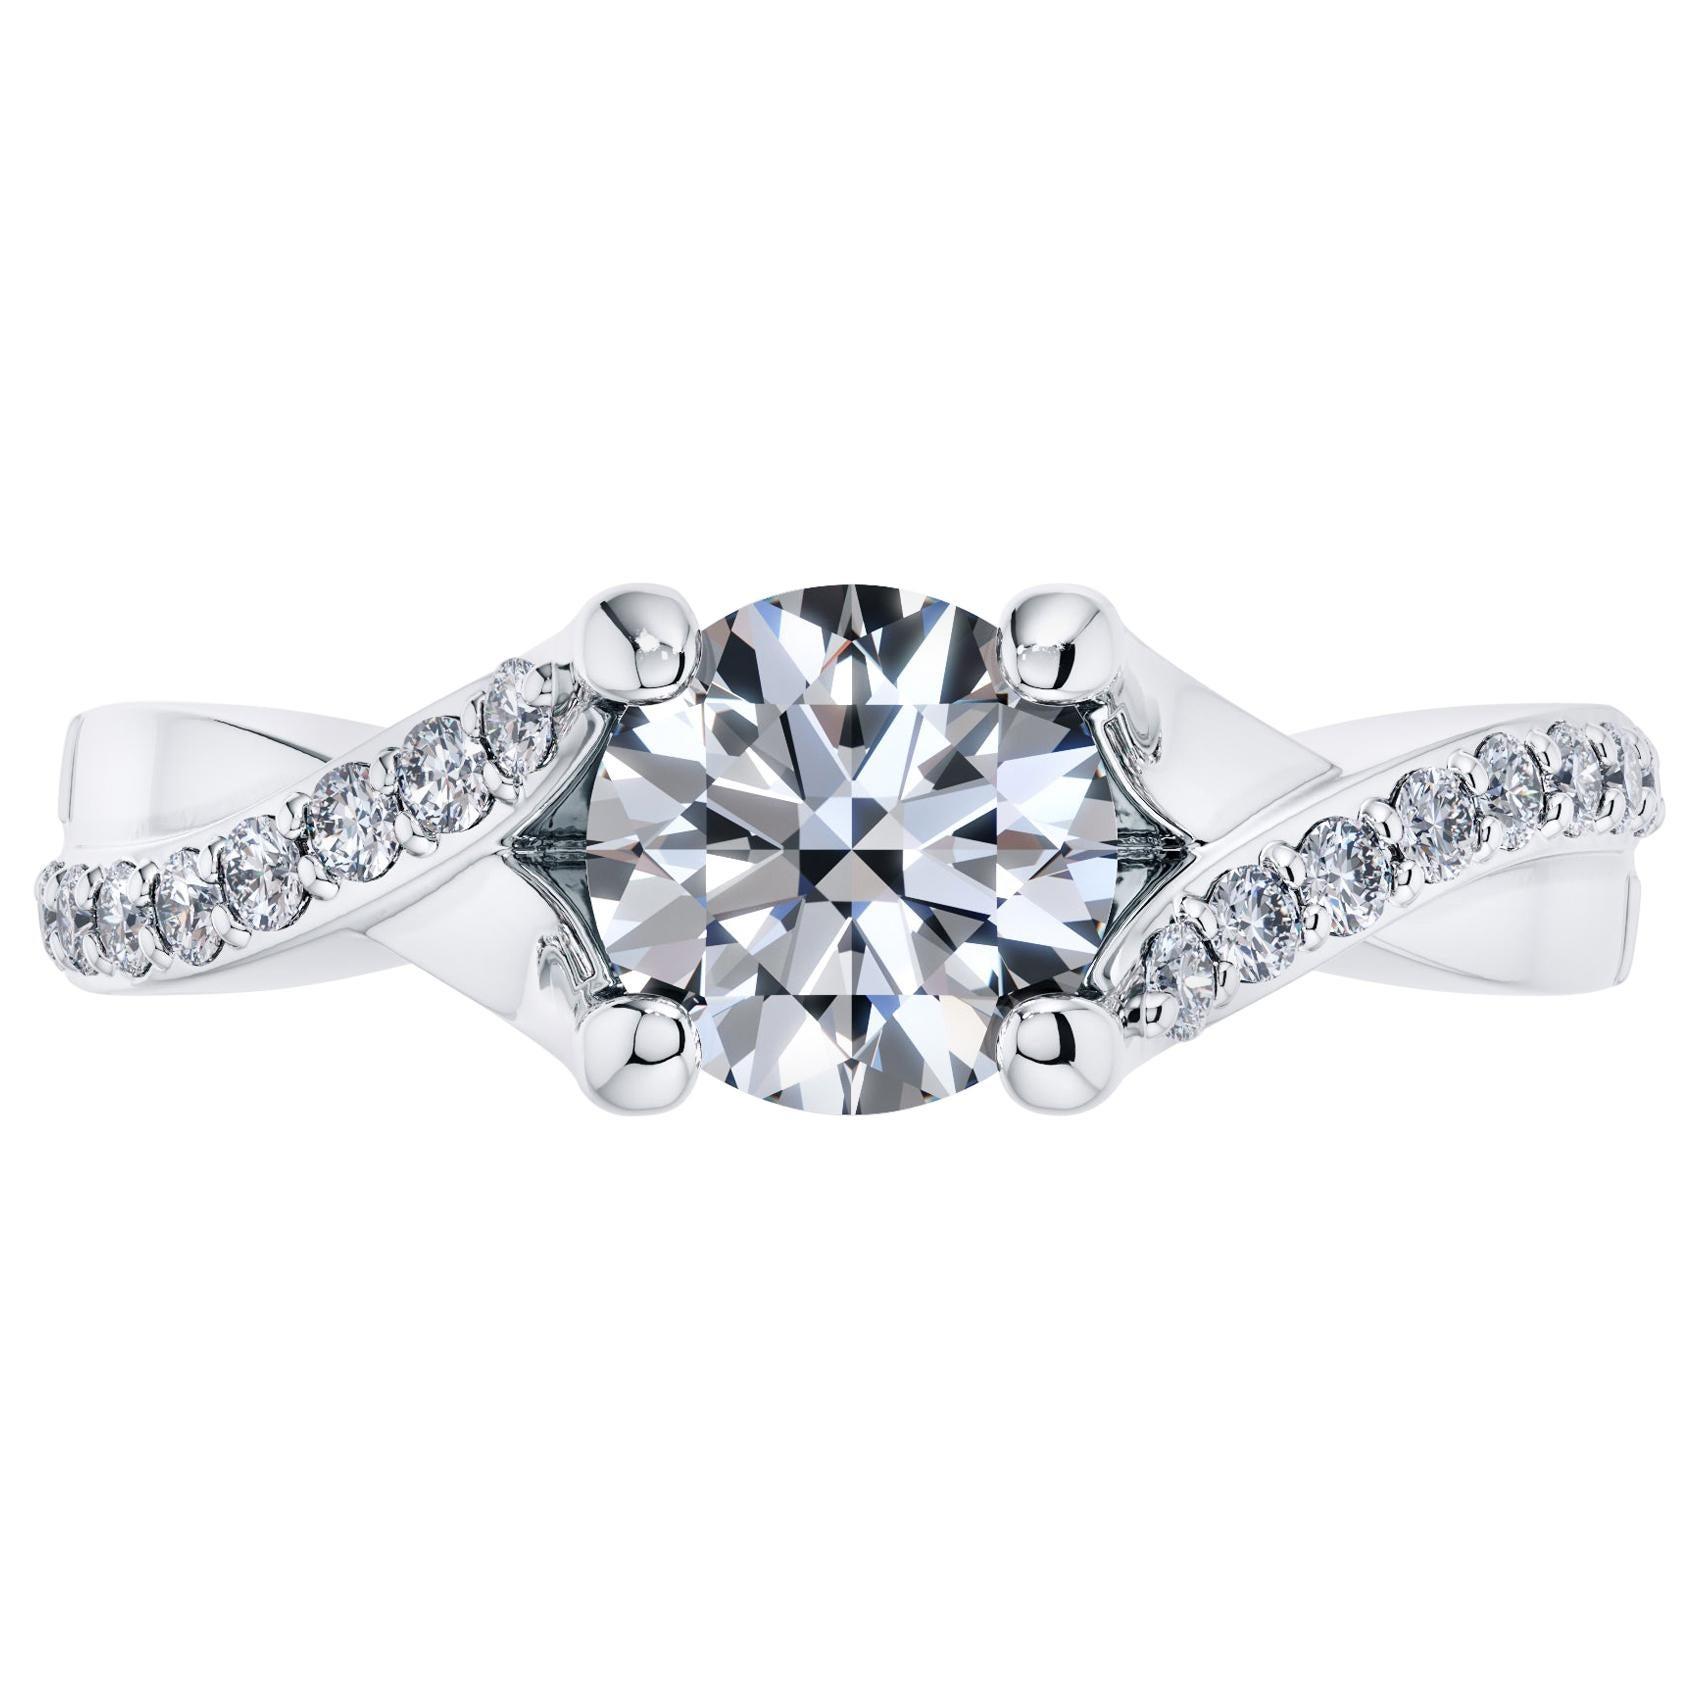 1.68 Carat Round Diamond Twisted 18 Karat White Gold 4 Prong Engagement Ring